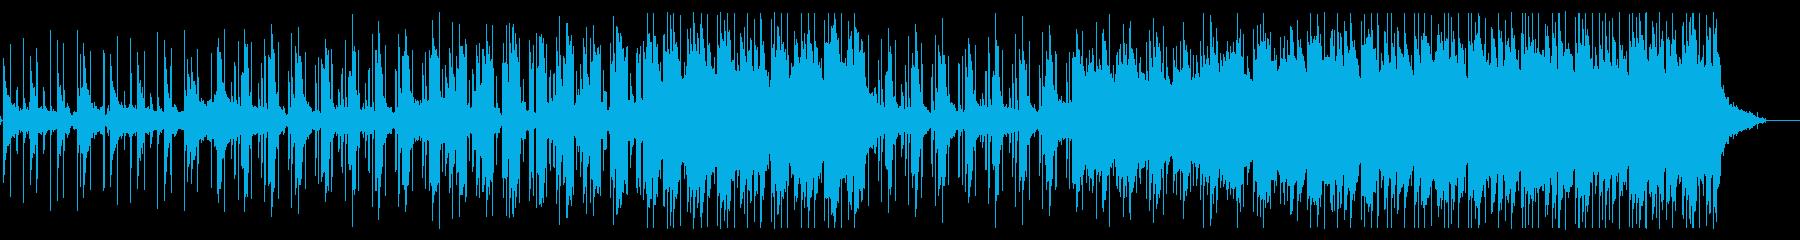 Lofi Hiphop 優しい チルいの再生済みの波形